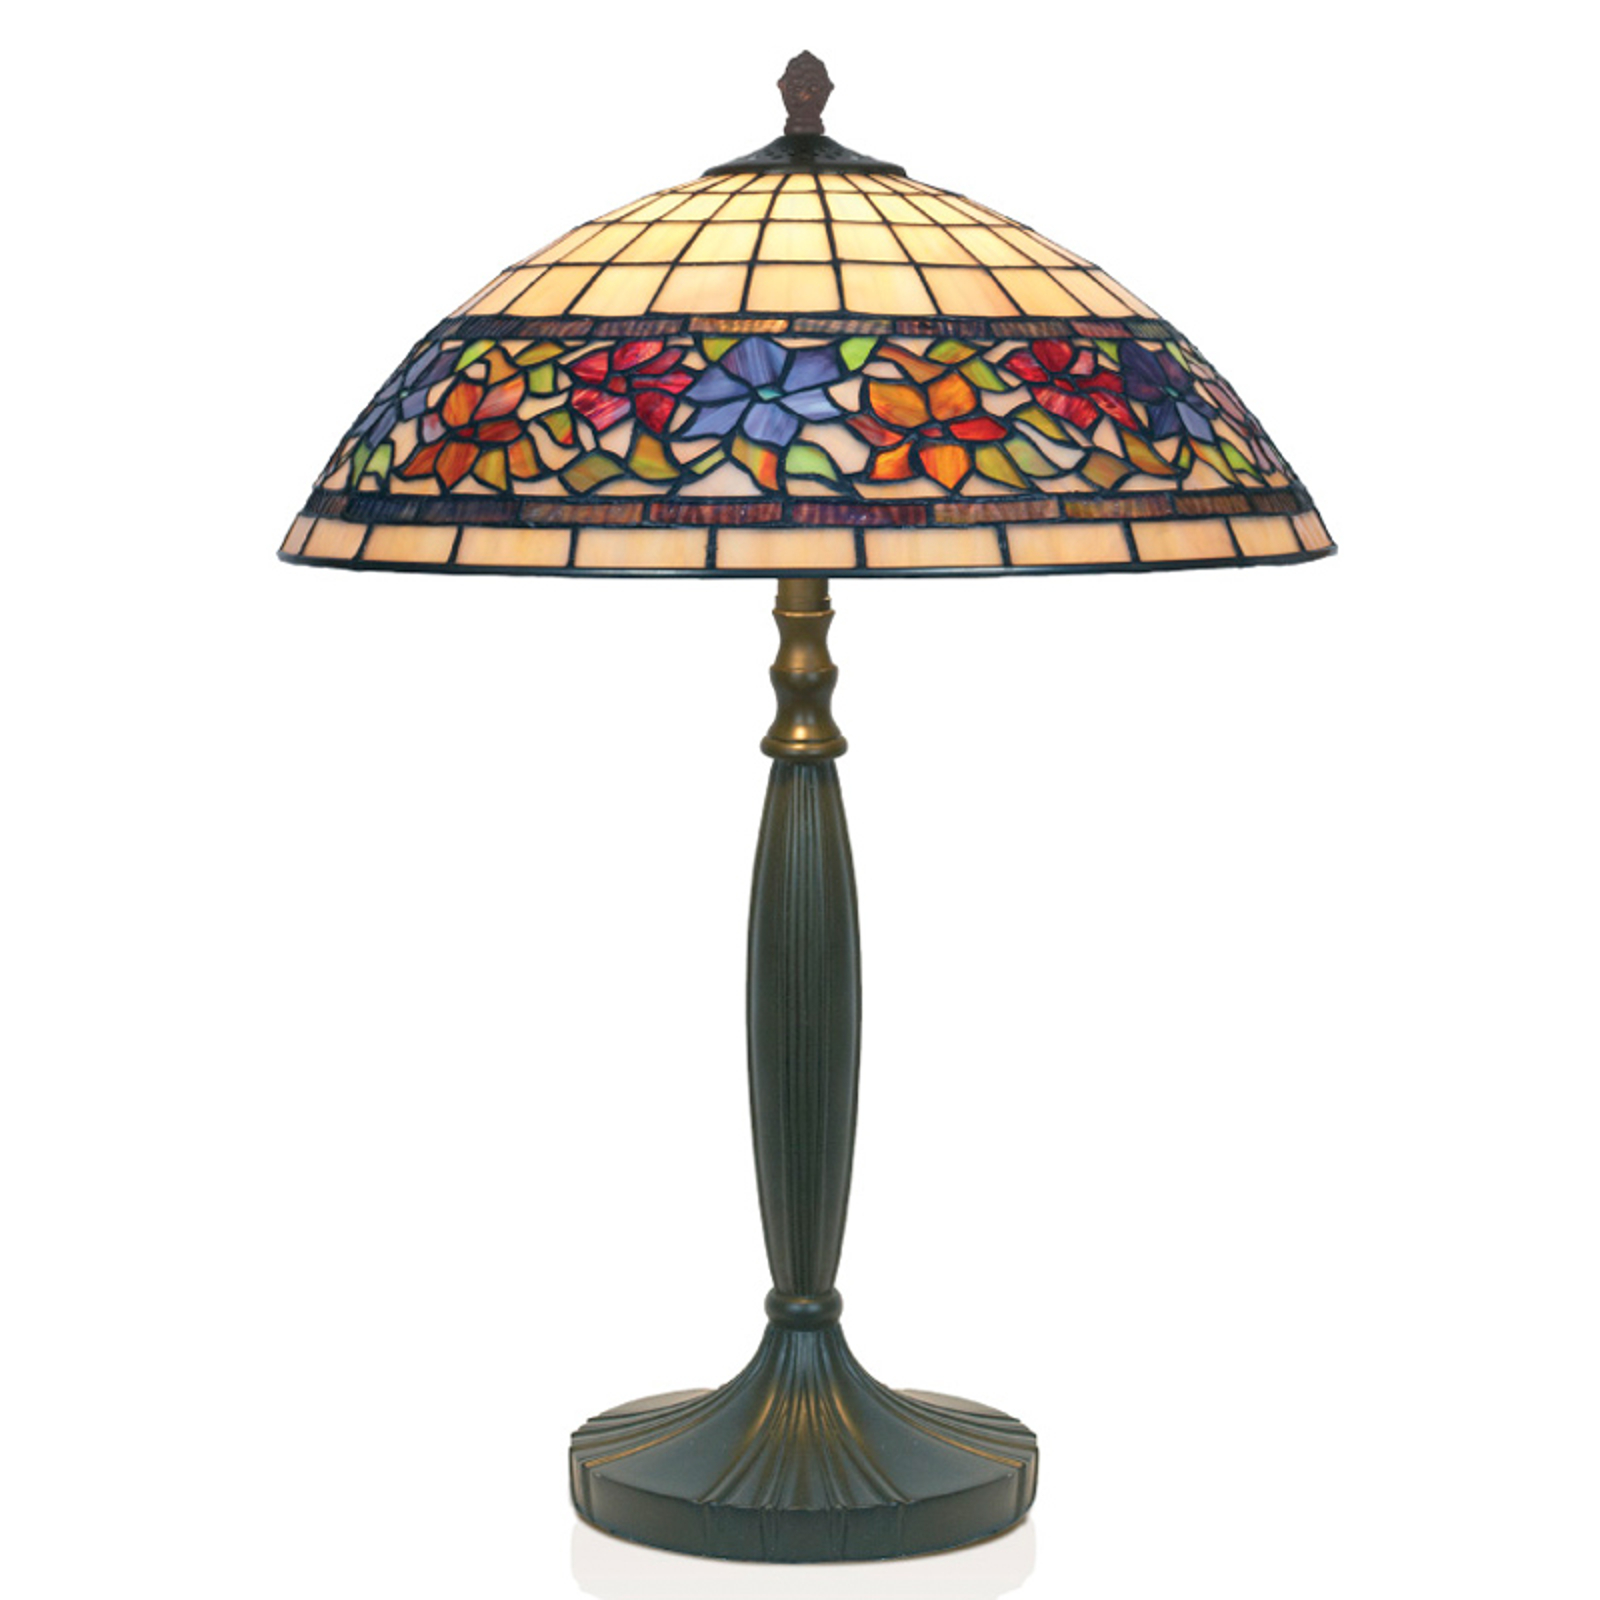 Tischlampe Flora im Tiffanystil, unten offen, 62cm